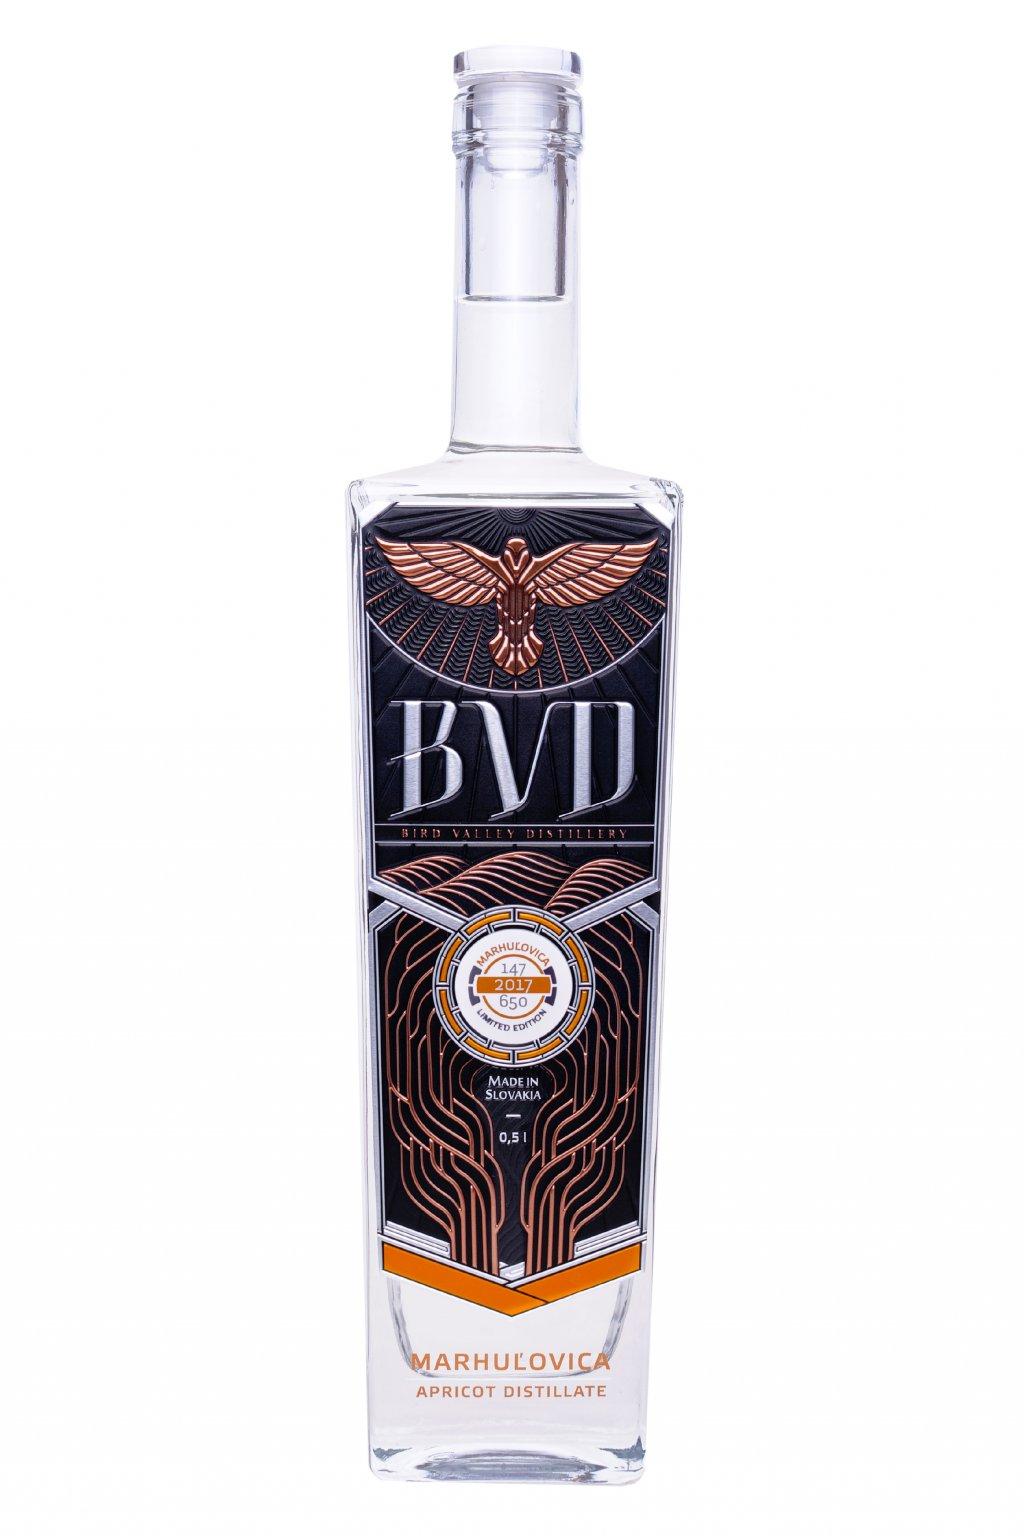 BVD Marhulovica destilat 0,5l